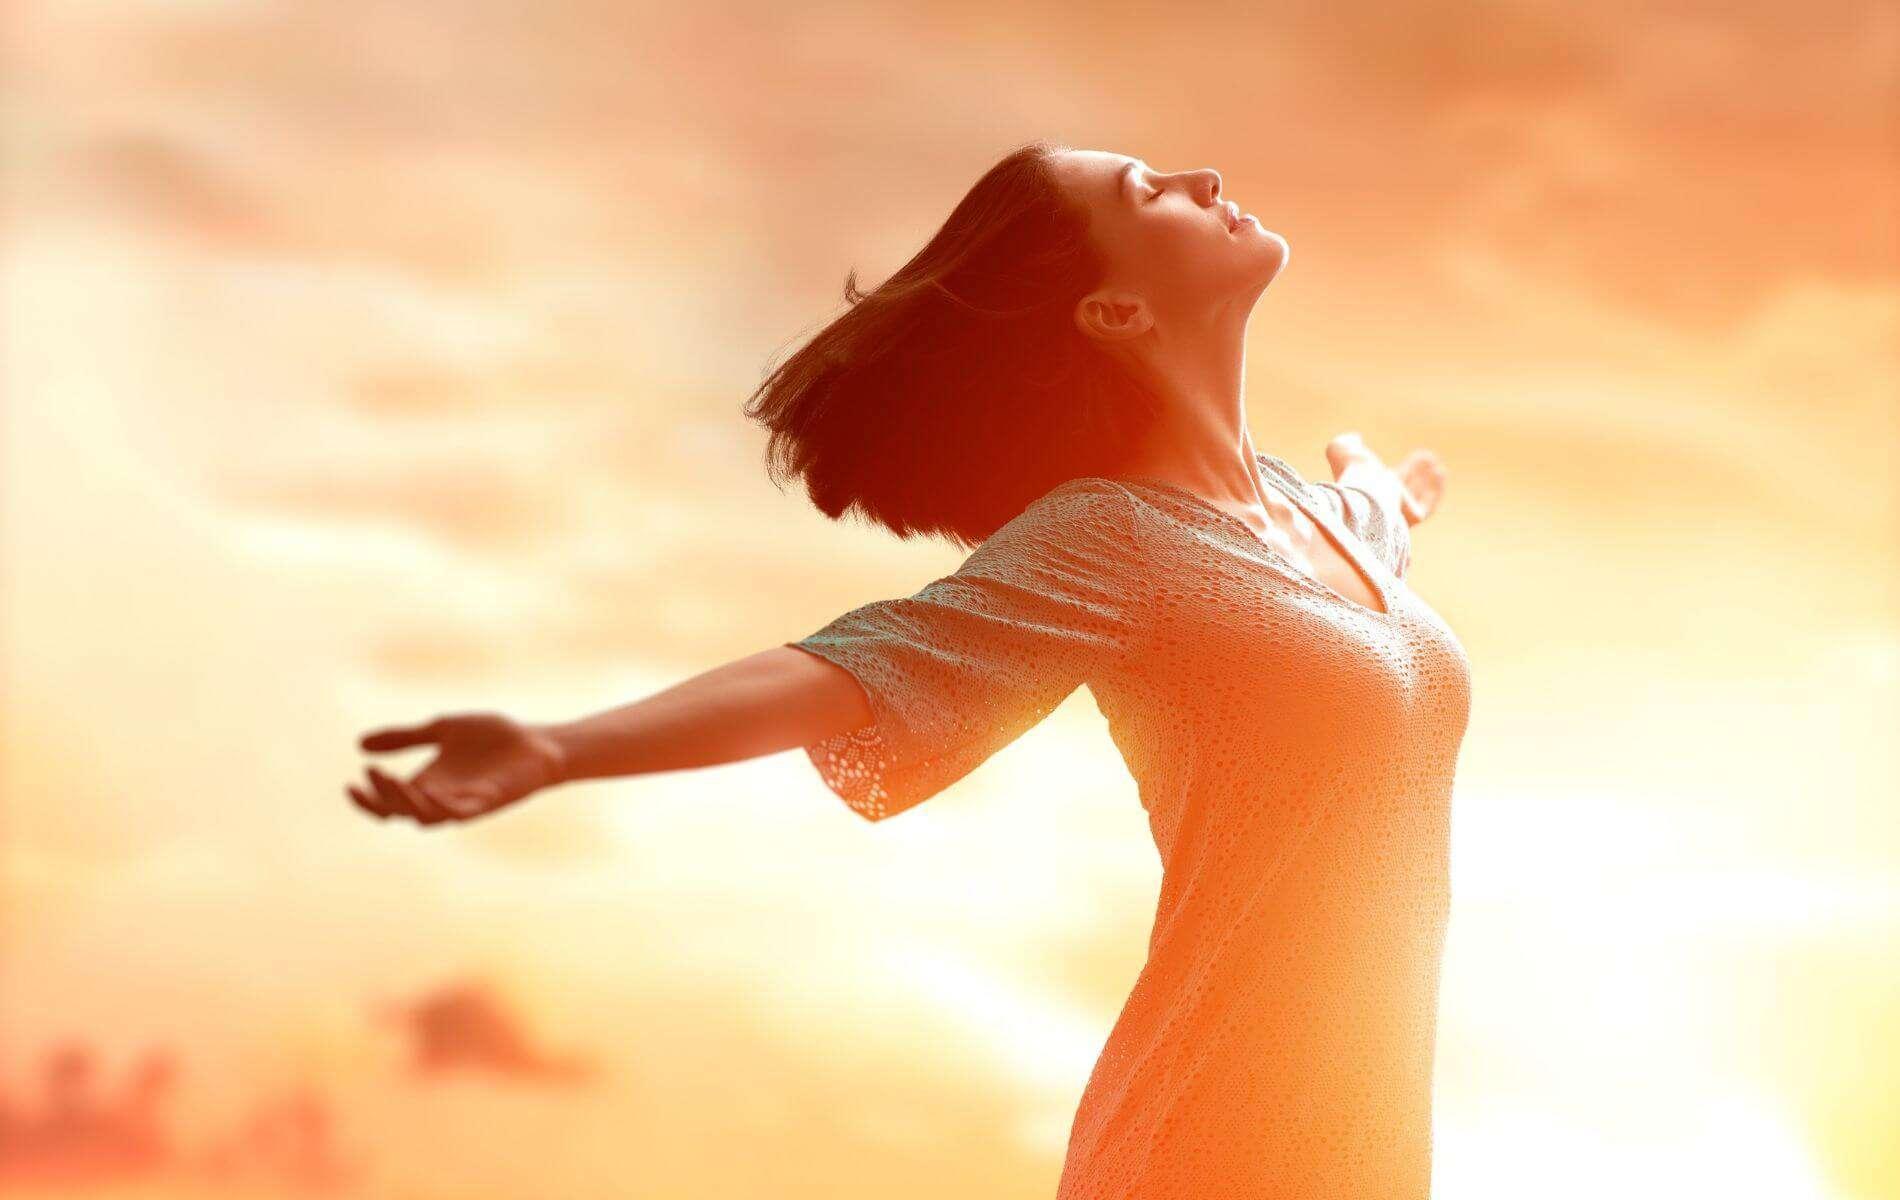 Optimistisch durchs Leben gehen: So bekommst du eine positive Grundeinstellung